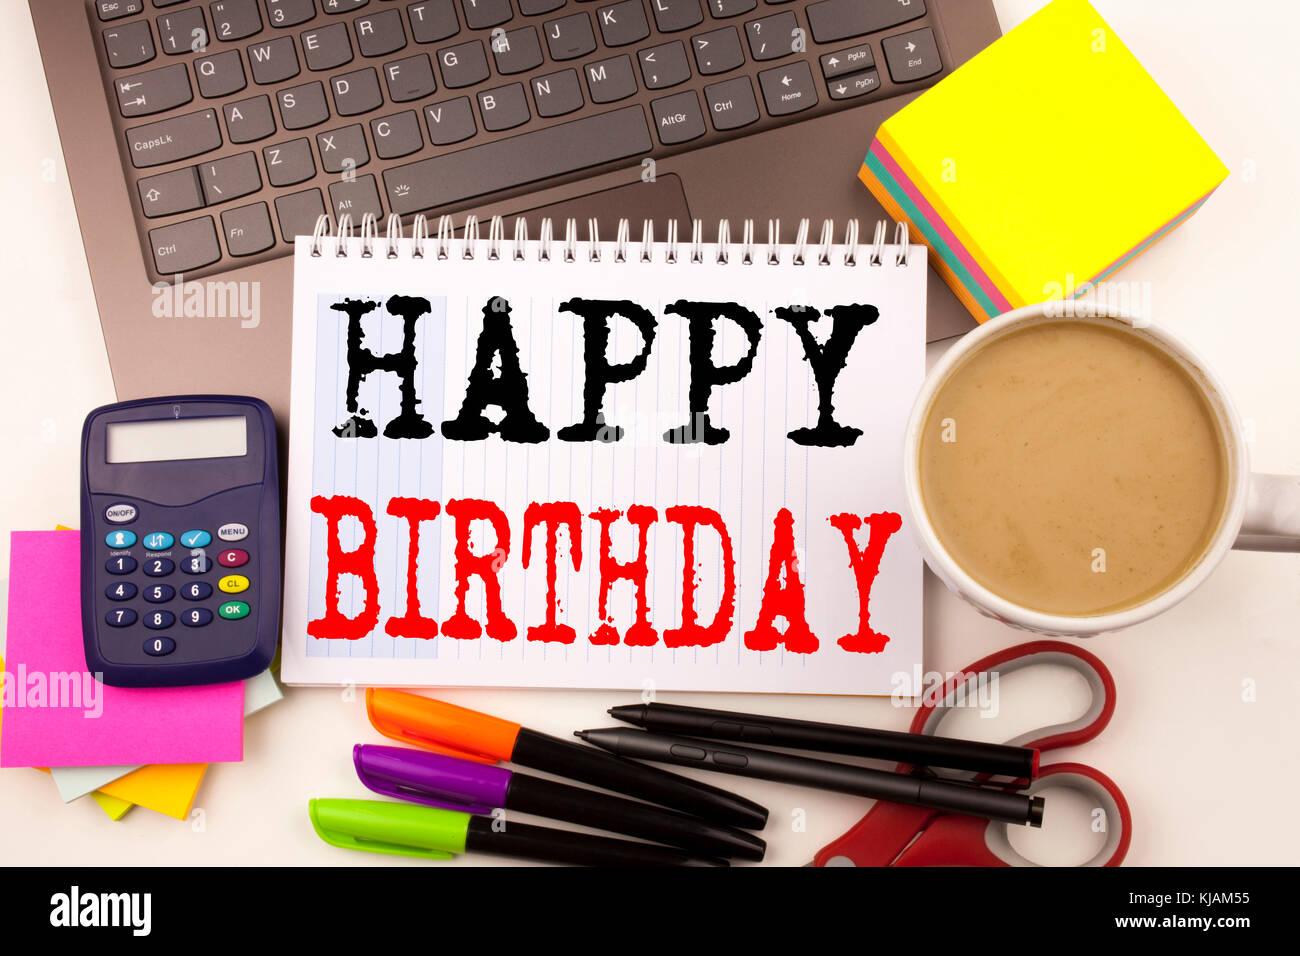 Anniversario Ufficio : La parola scritta buon compleanno in ufficio con frazioni come